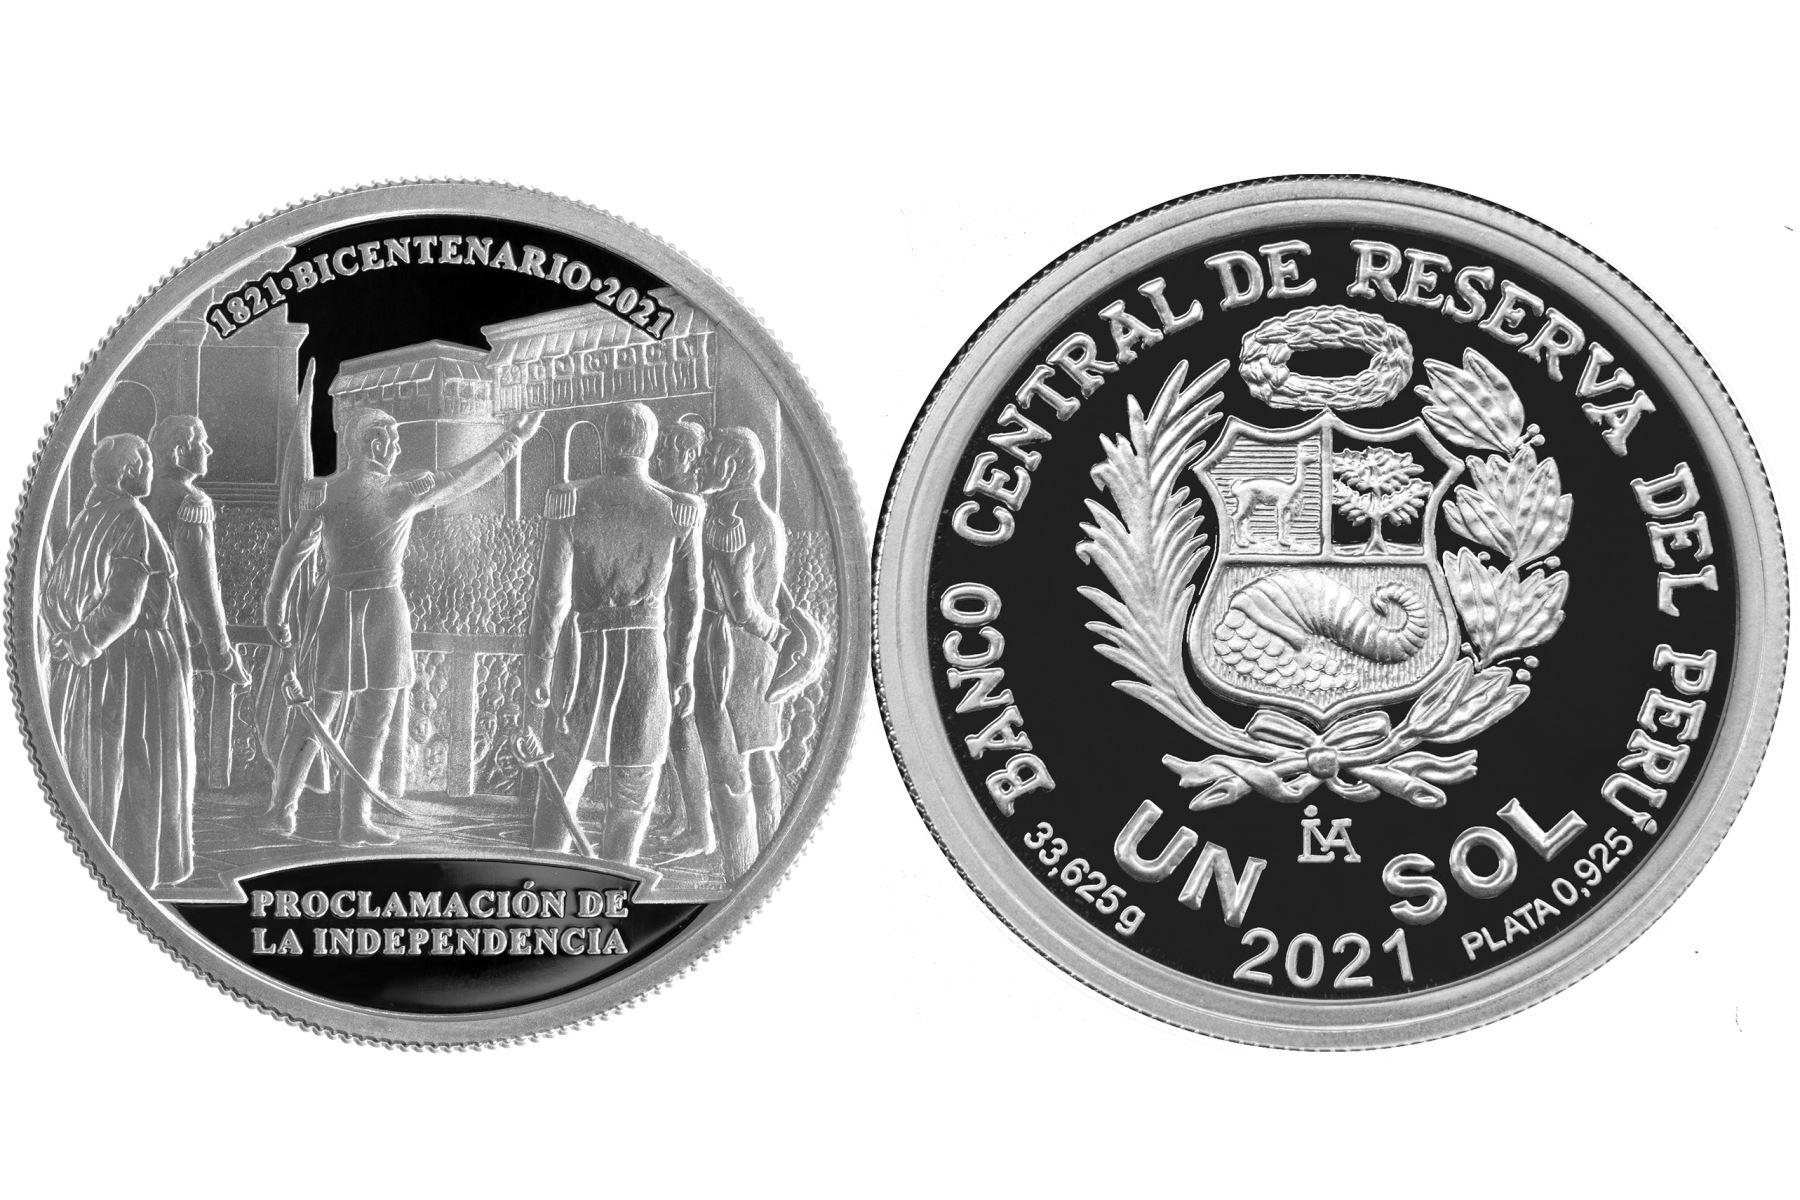 Moneda de plata alusiva al Bicentenario de la Proclamación de la Independencia.